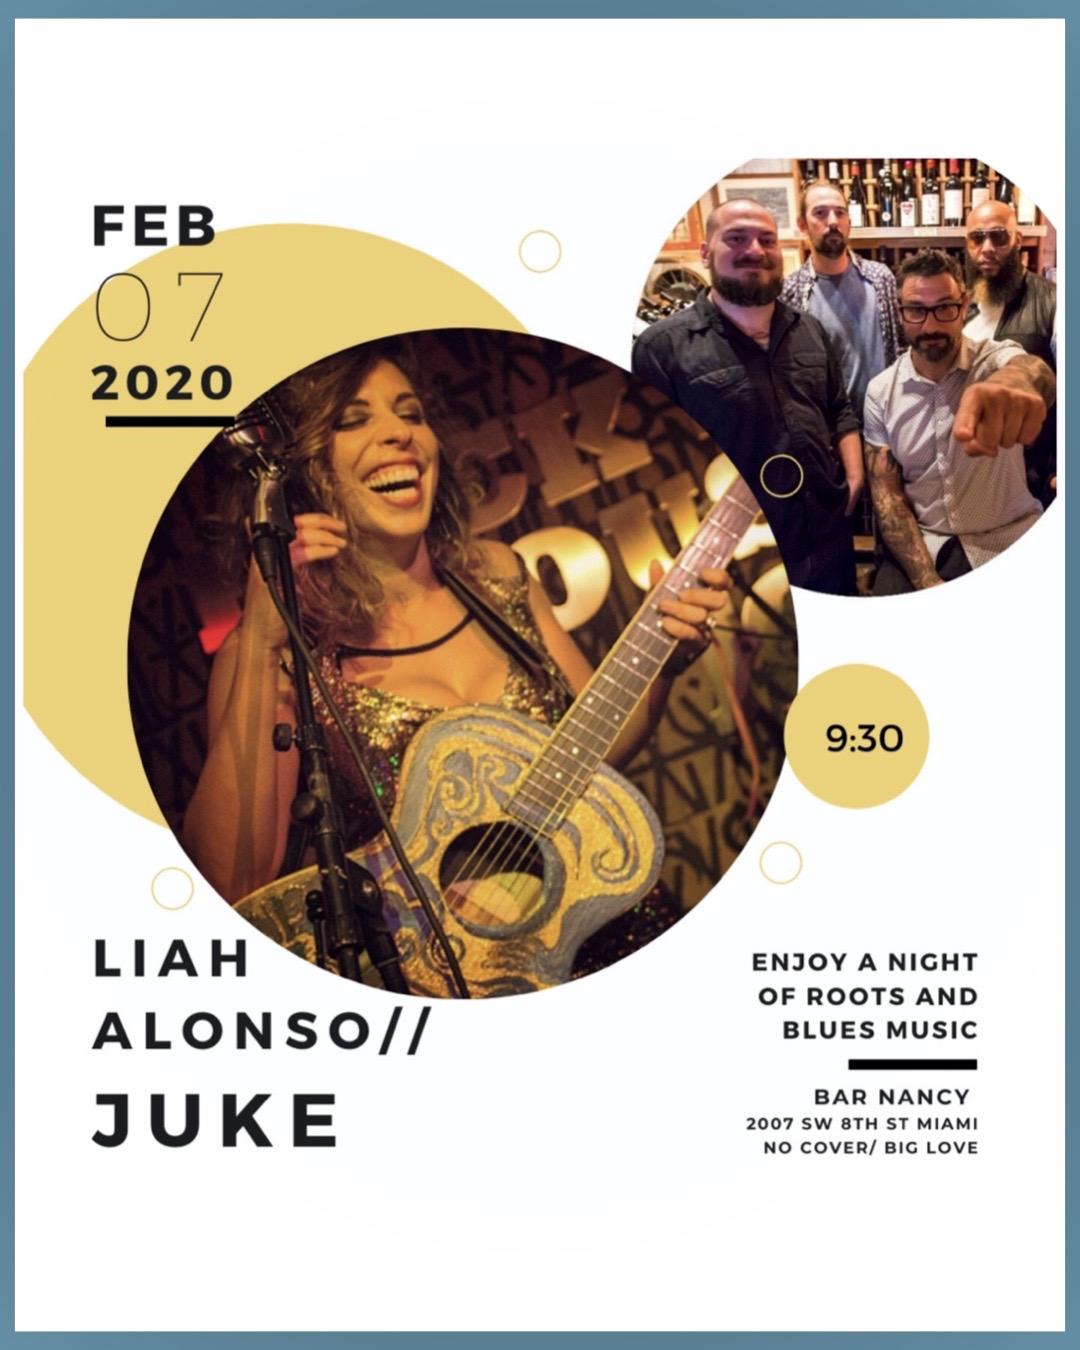 Liah Alonso / JUke! @ Bar Nancy